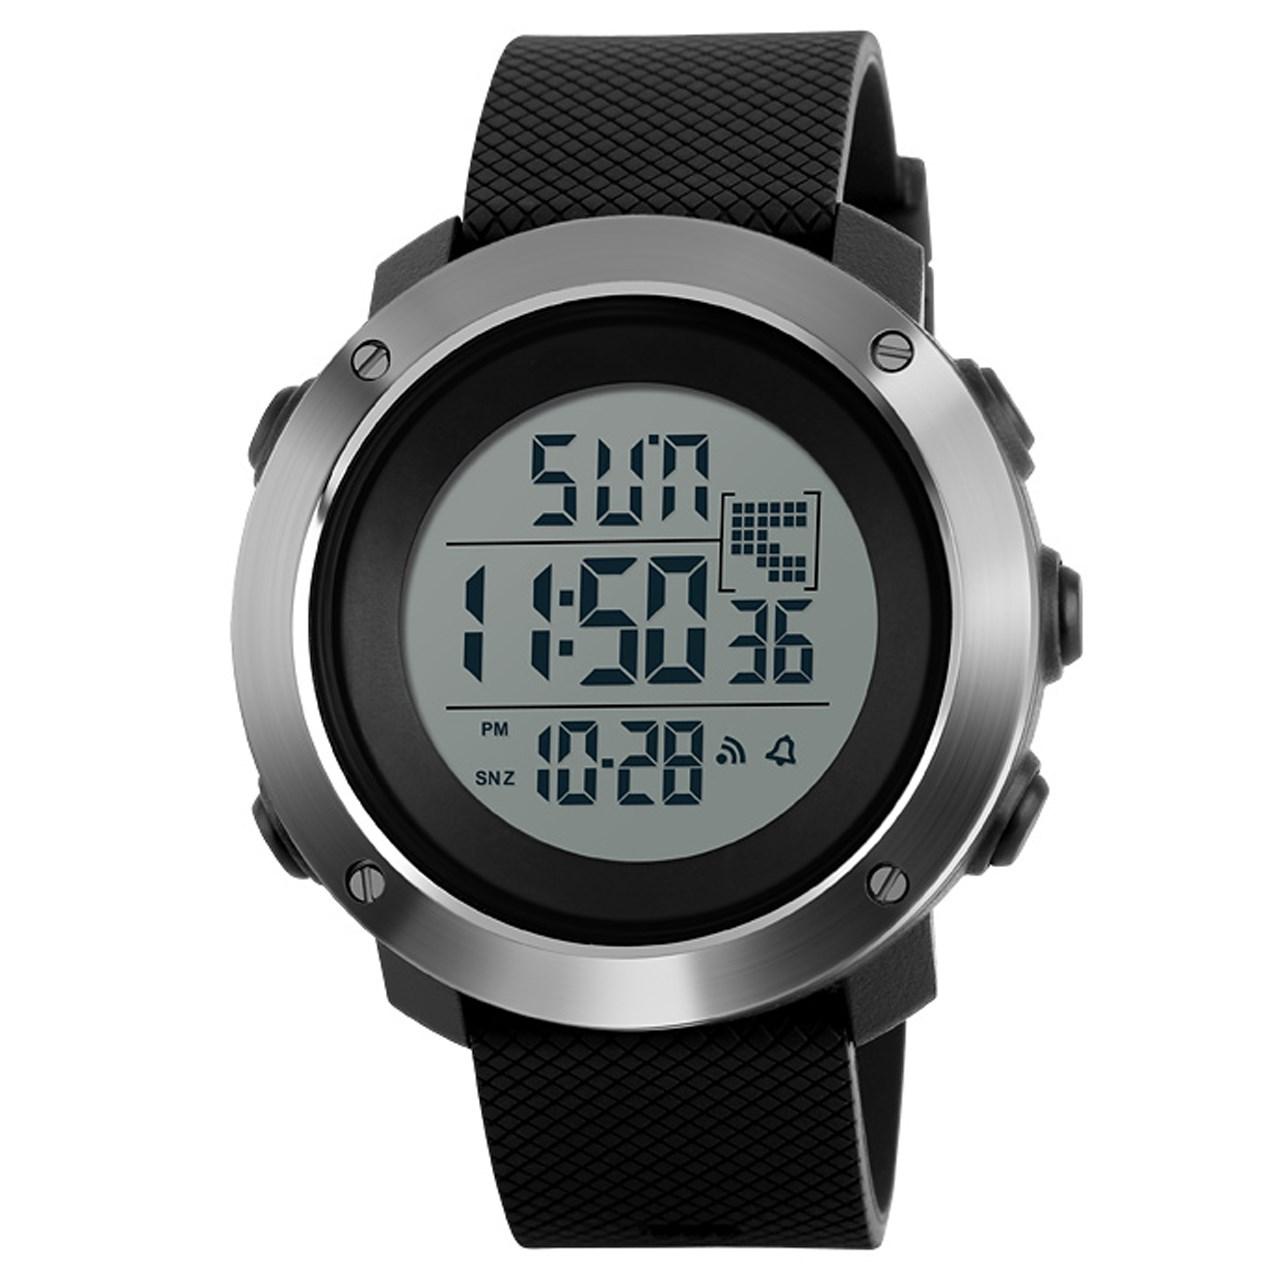 ساعت مچی دیجیتال مردانه اسکمی مدل 1267 کد 01 29